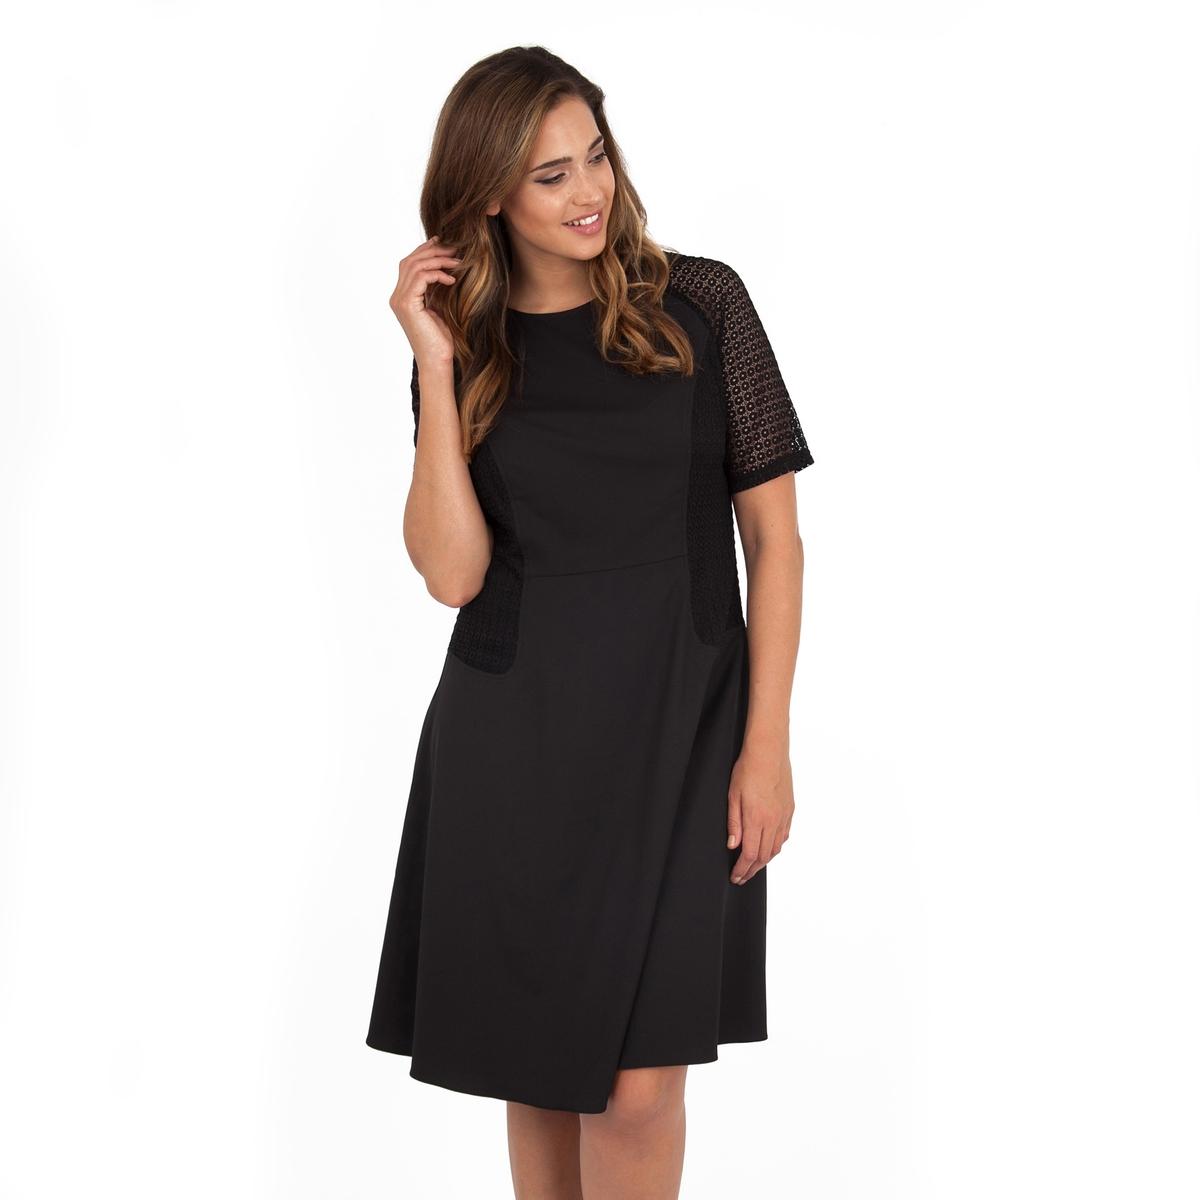 ПлатьеПлатье с короткими рукавами - KOKO BY KOKO. Красивые прозрачные рукава и вставки по бокам. Длина ок.104 см. 100% полиэстера.<br><br>Цвет: черный<br>Размер: 48 (FR) - 54 (RUS)